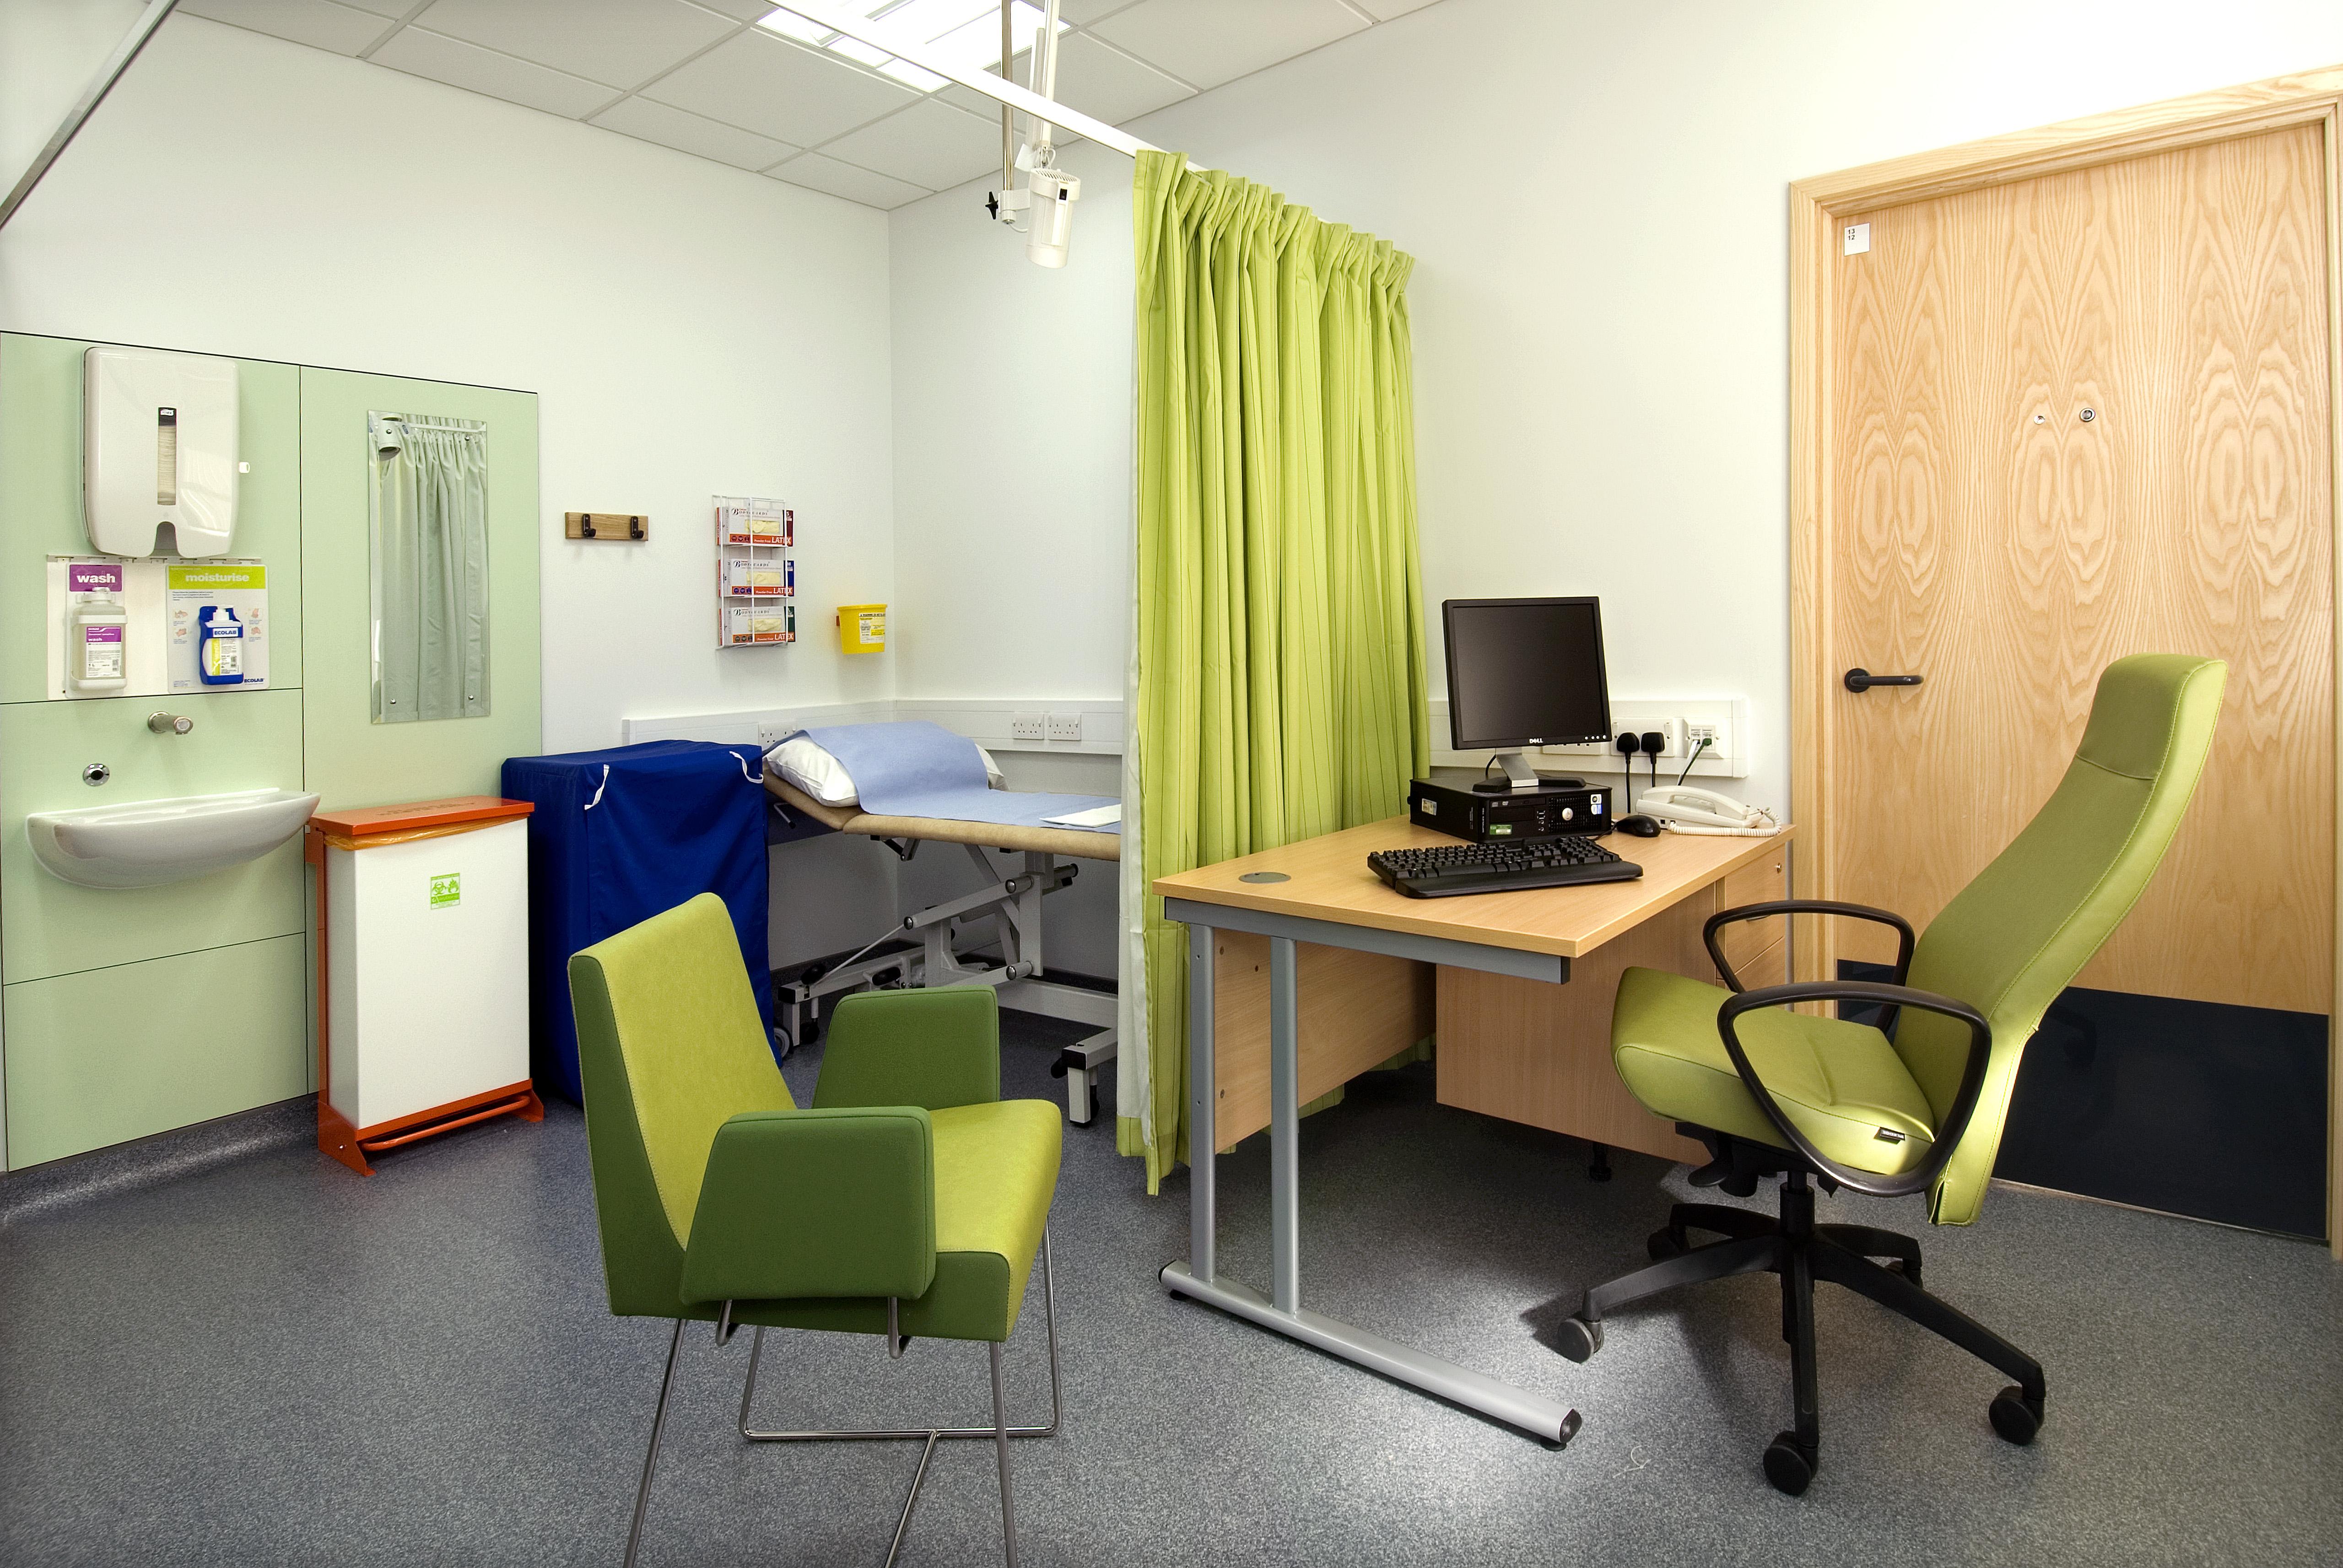 frimley-park-hospital-sept-09-78